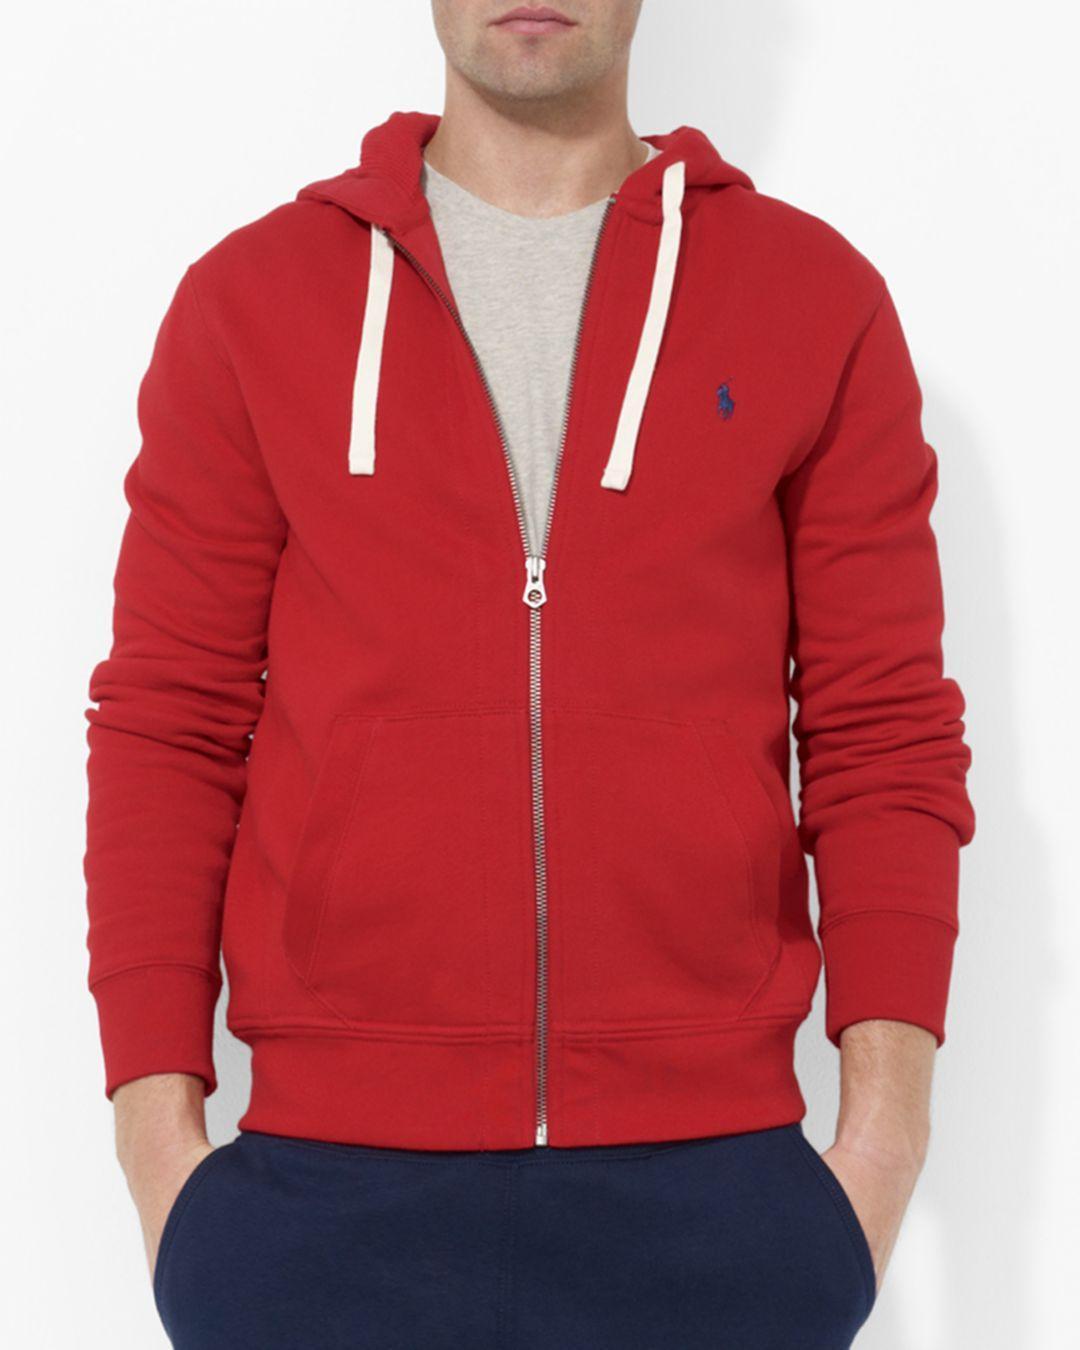 Men's HoodieFull Zip Fleece Hooded Red UpSzVqM